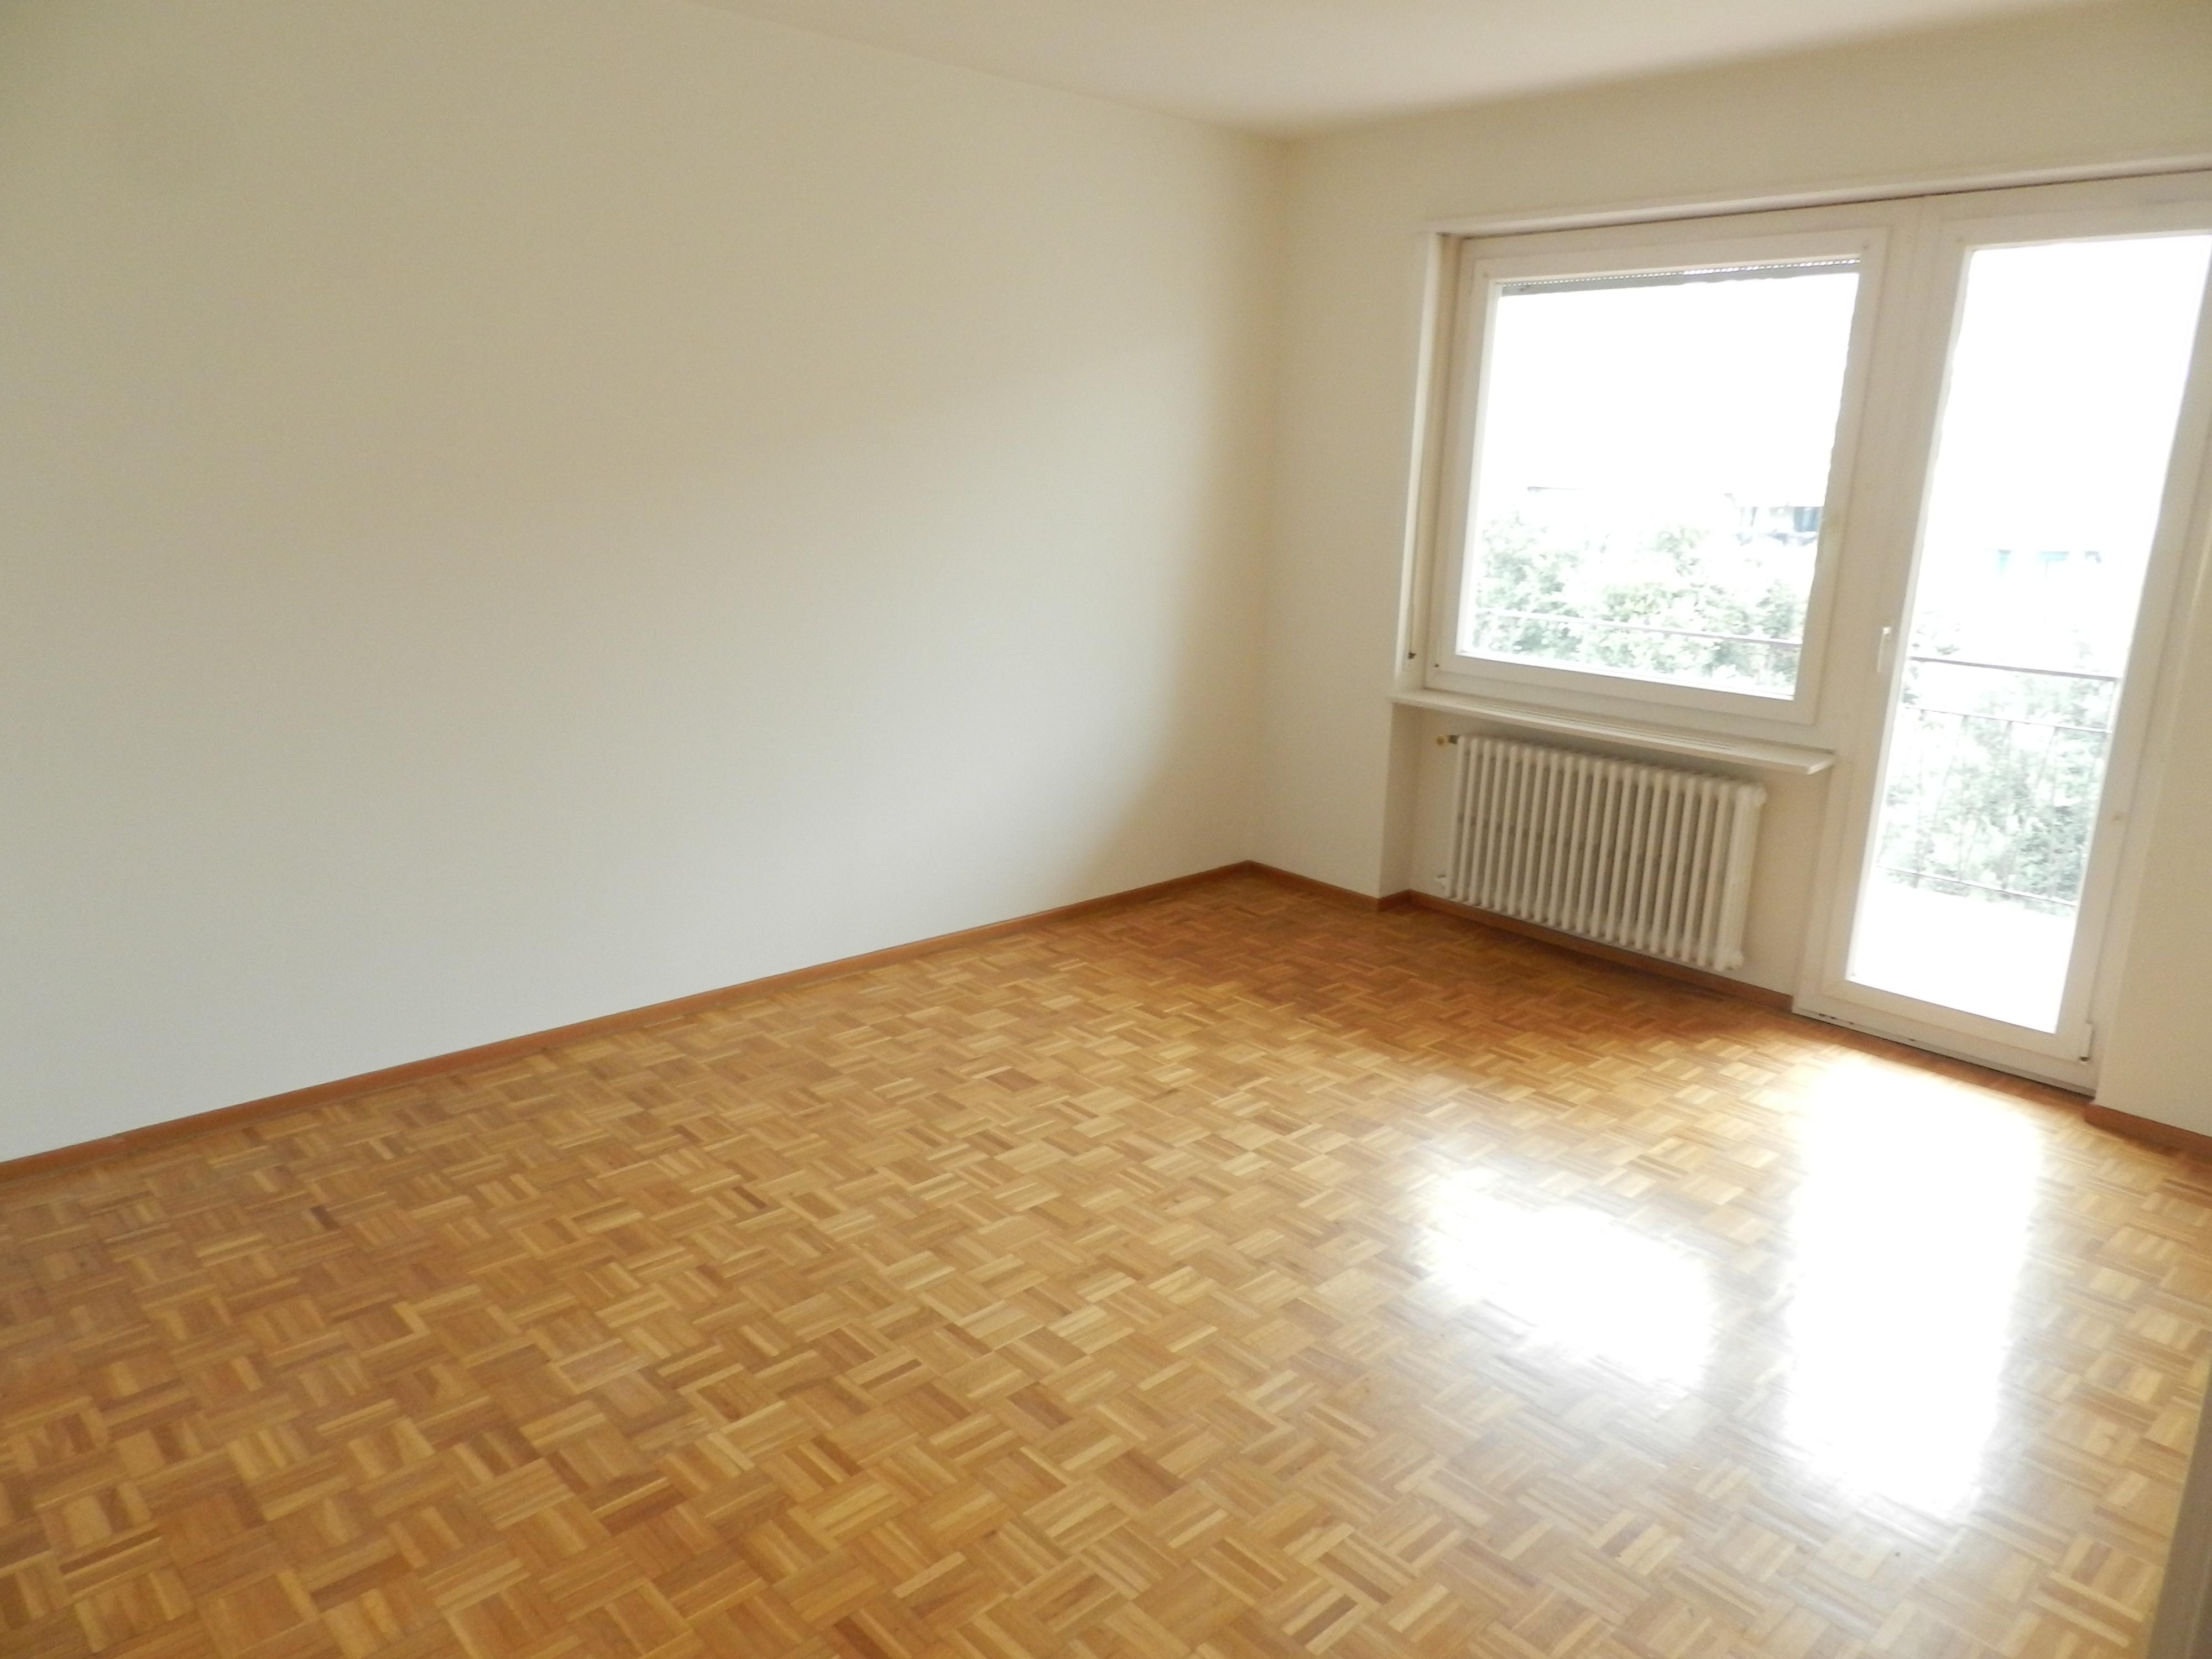 LUGANO VIGANELLO – Appartamento 2.5 locali completamente ristrutturato a nuovo